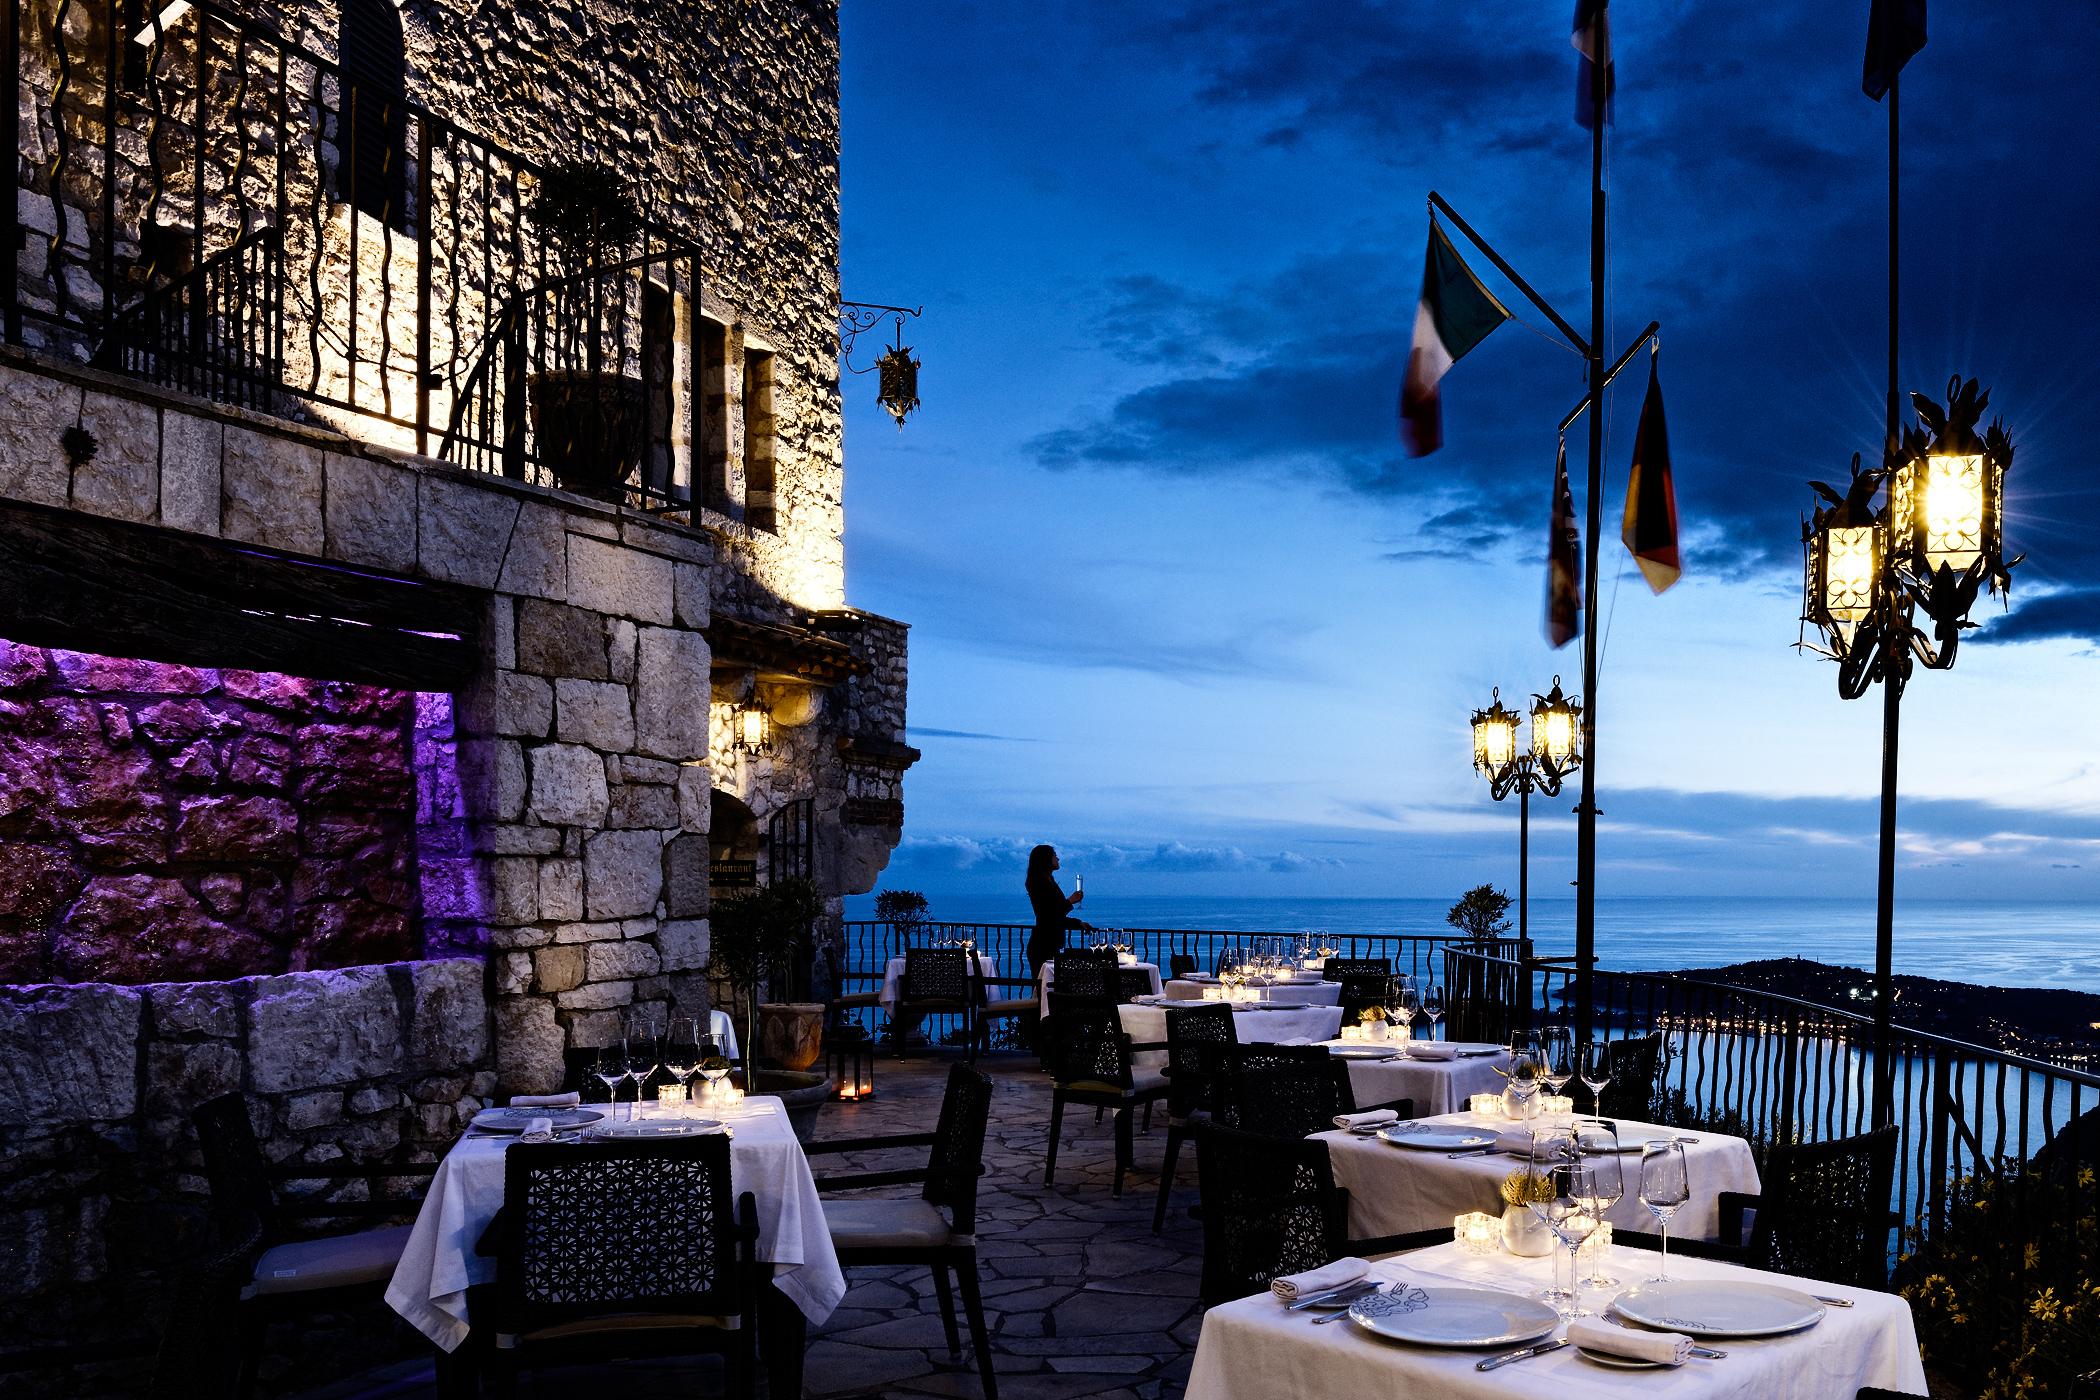 Foto von der Terrasse des Hotels Château Eza in der Abenddämmerung